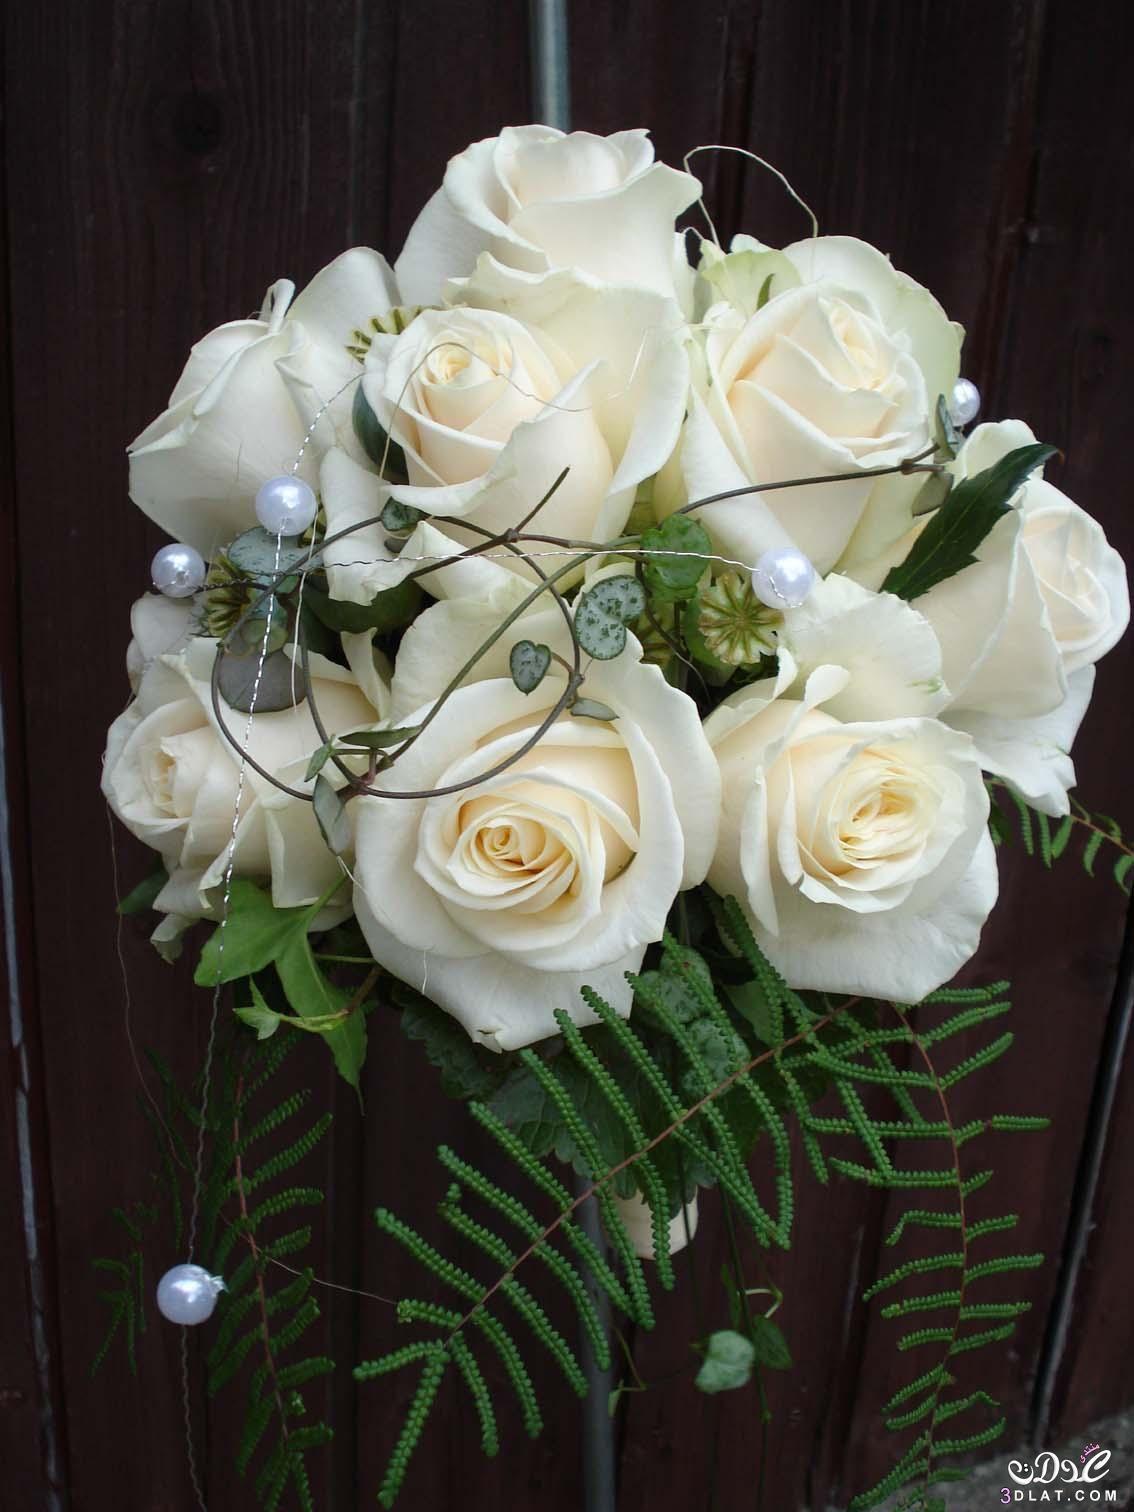 صور ورود بيضاء في غاية الروعة والجمال Spring Wallpaper Home Decor Decor